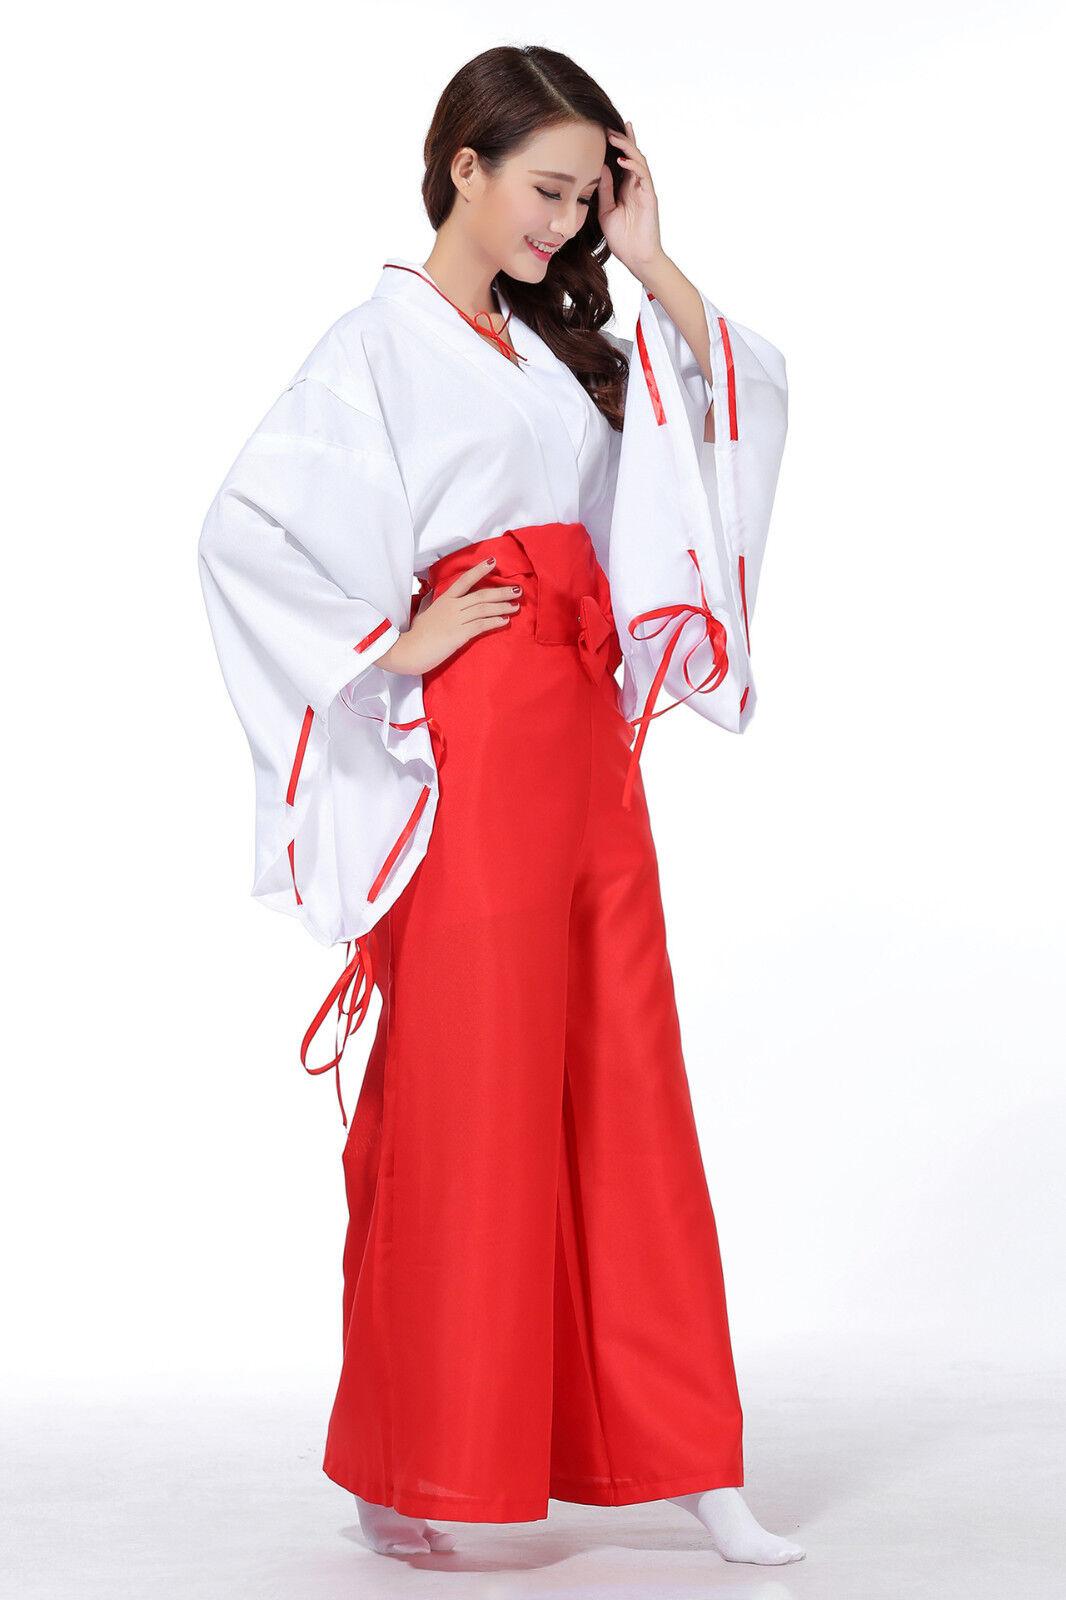 Inuyasha Kikyo Kimono Miko Shrine Maiden Cosplay Women